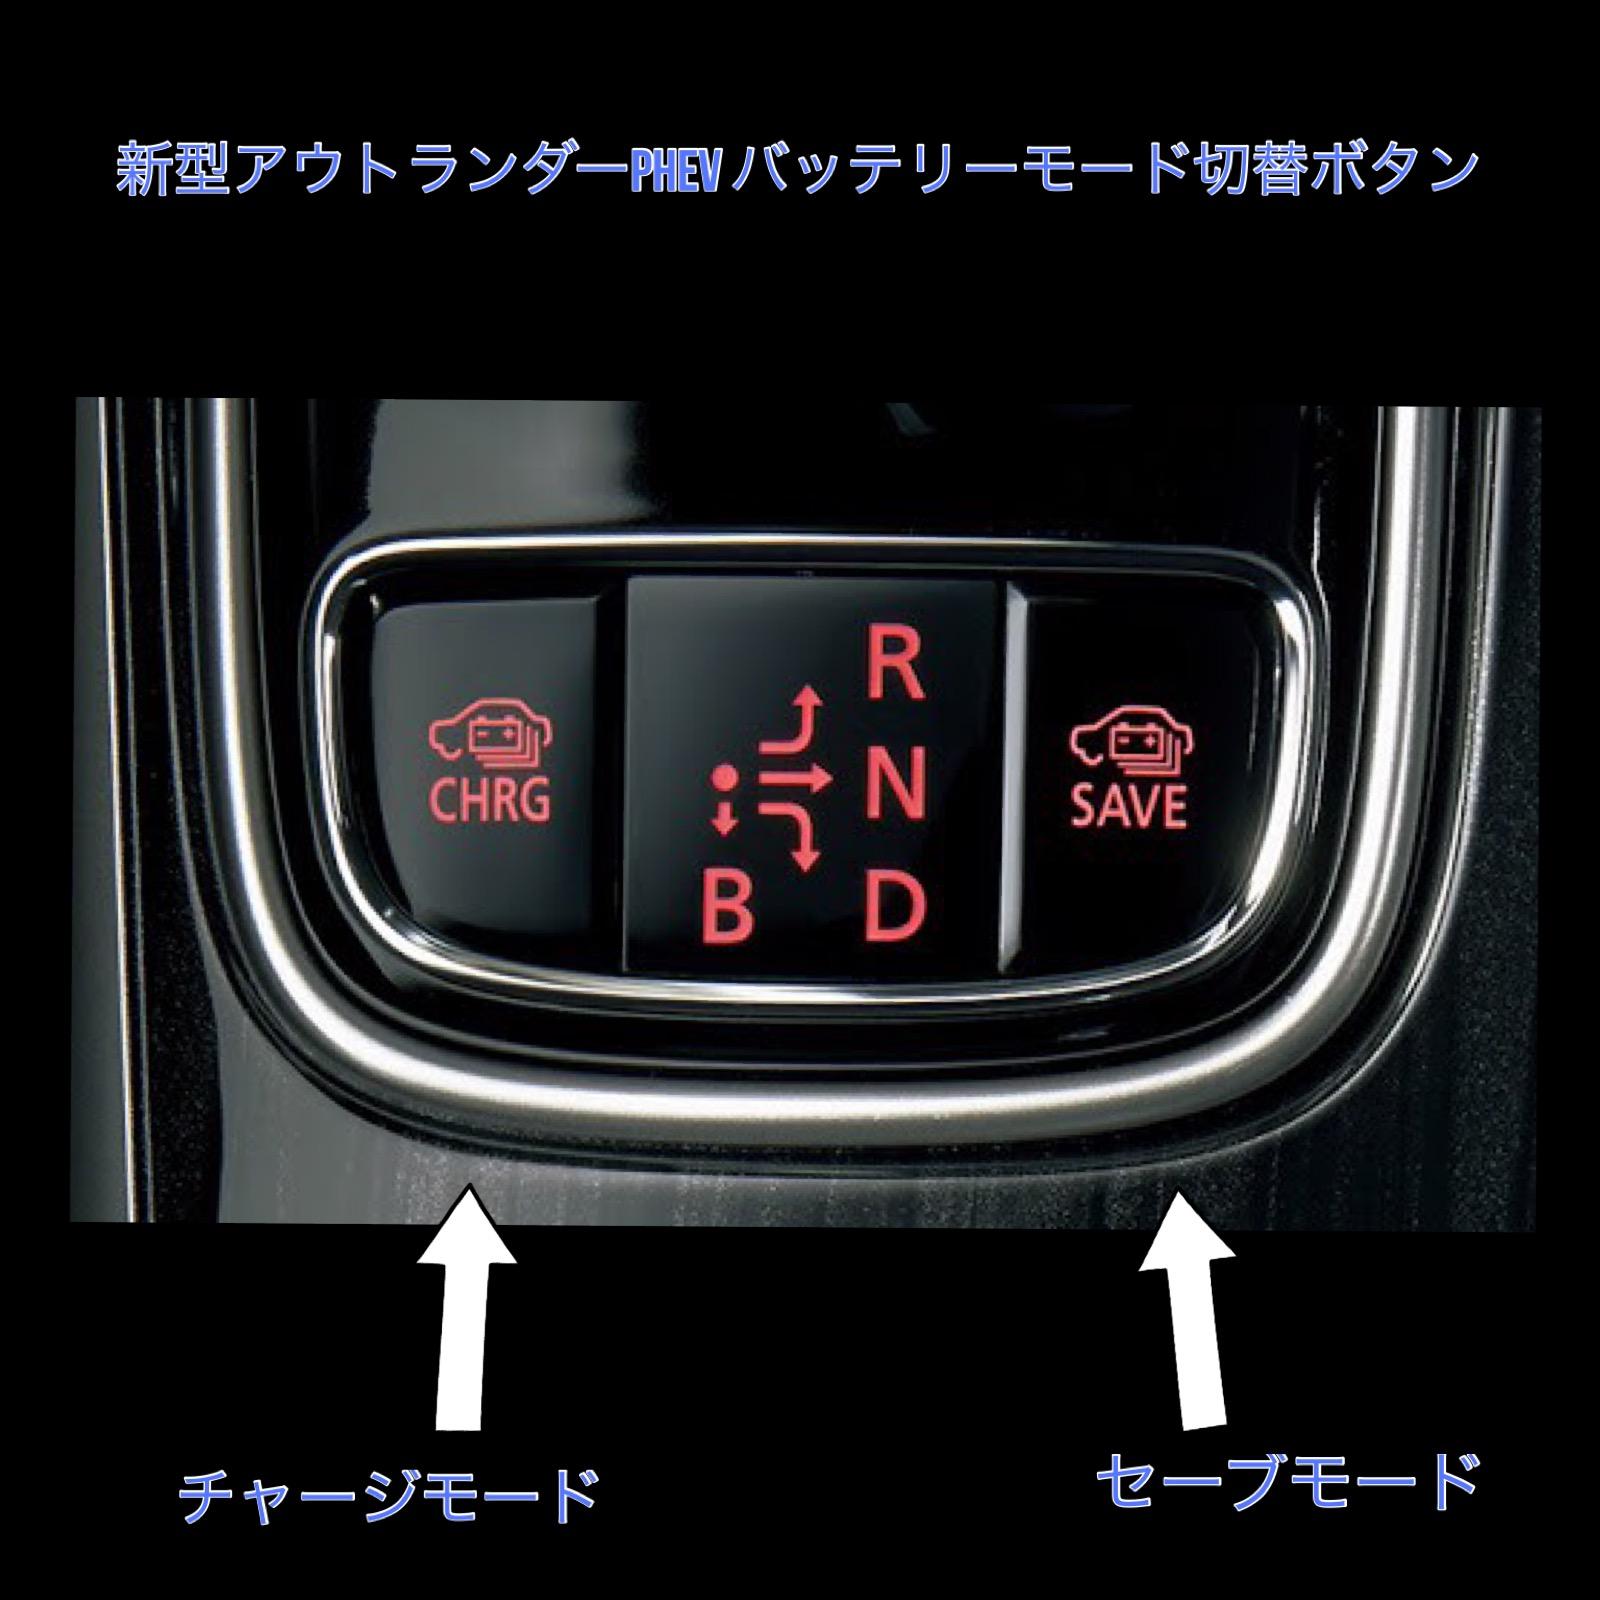 新型アウトランダーPHEV バッテリーモード切替ボタン